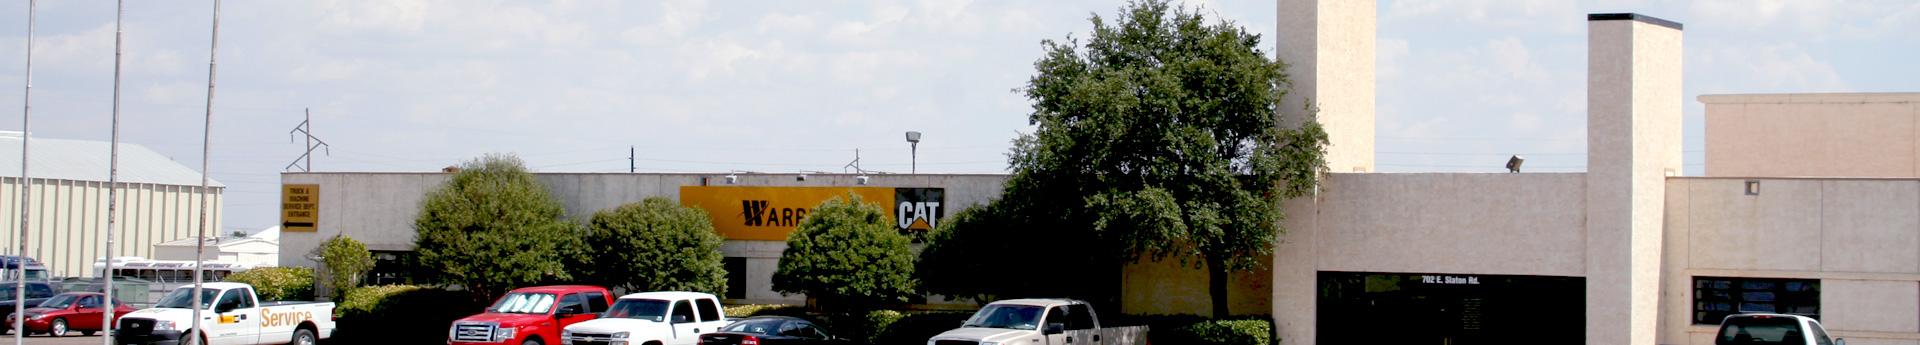 Lubbock Equipment Rental   Warren CAT Rentals In Lubbock